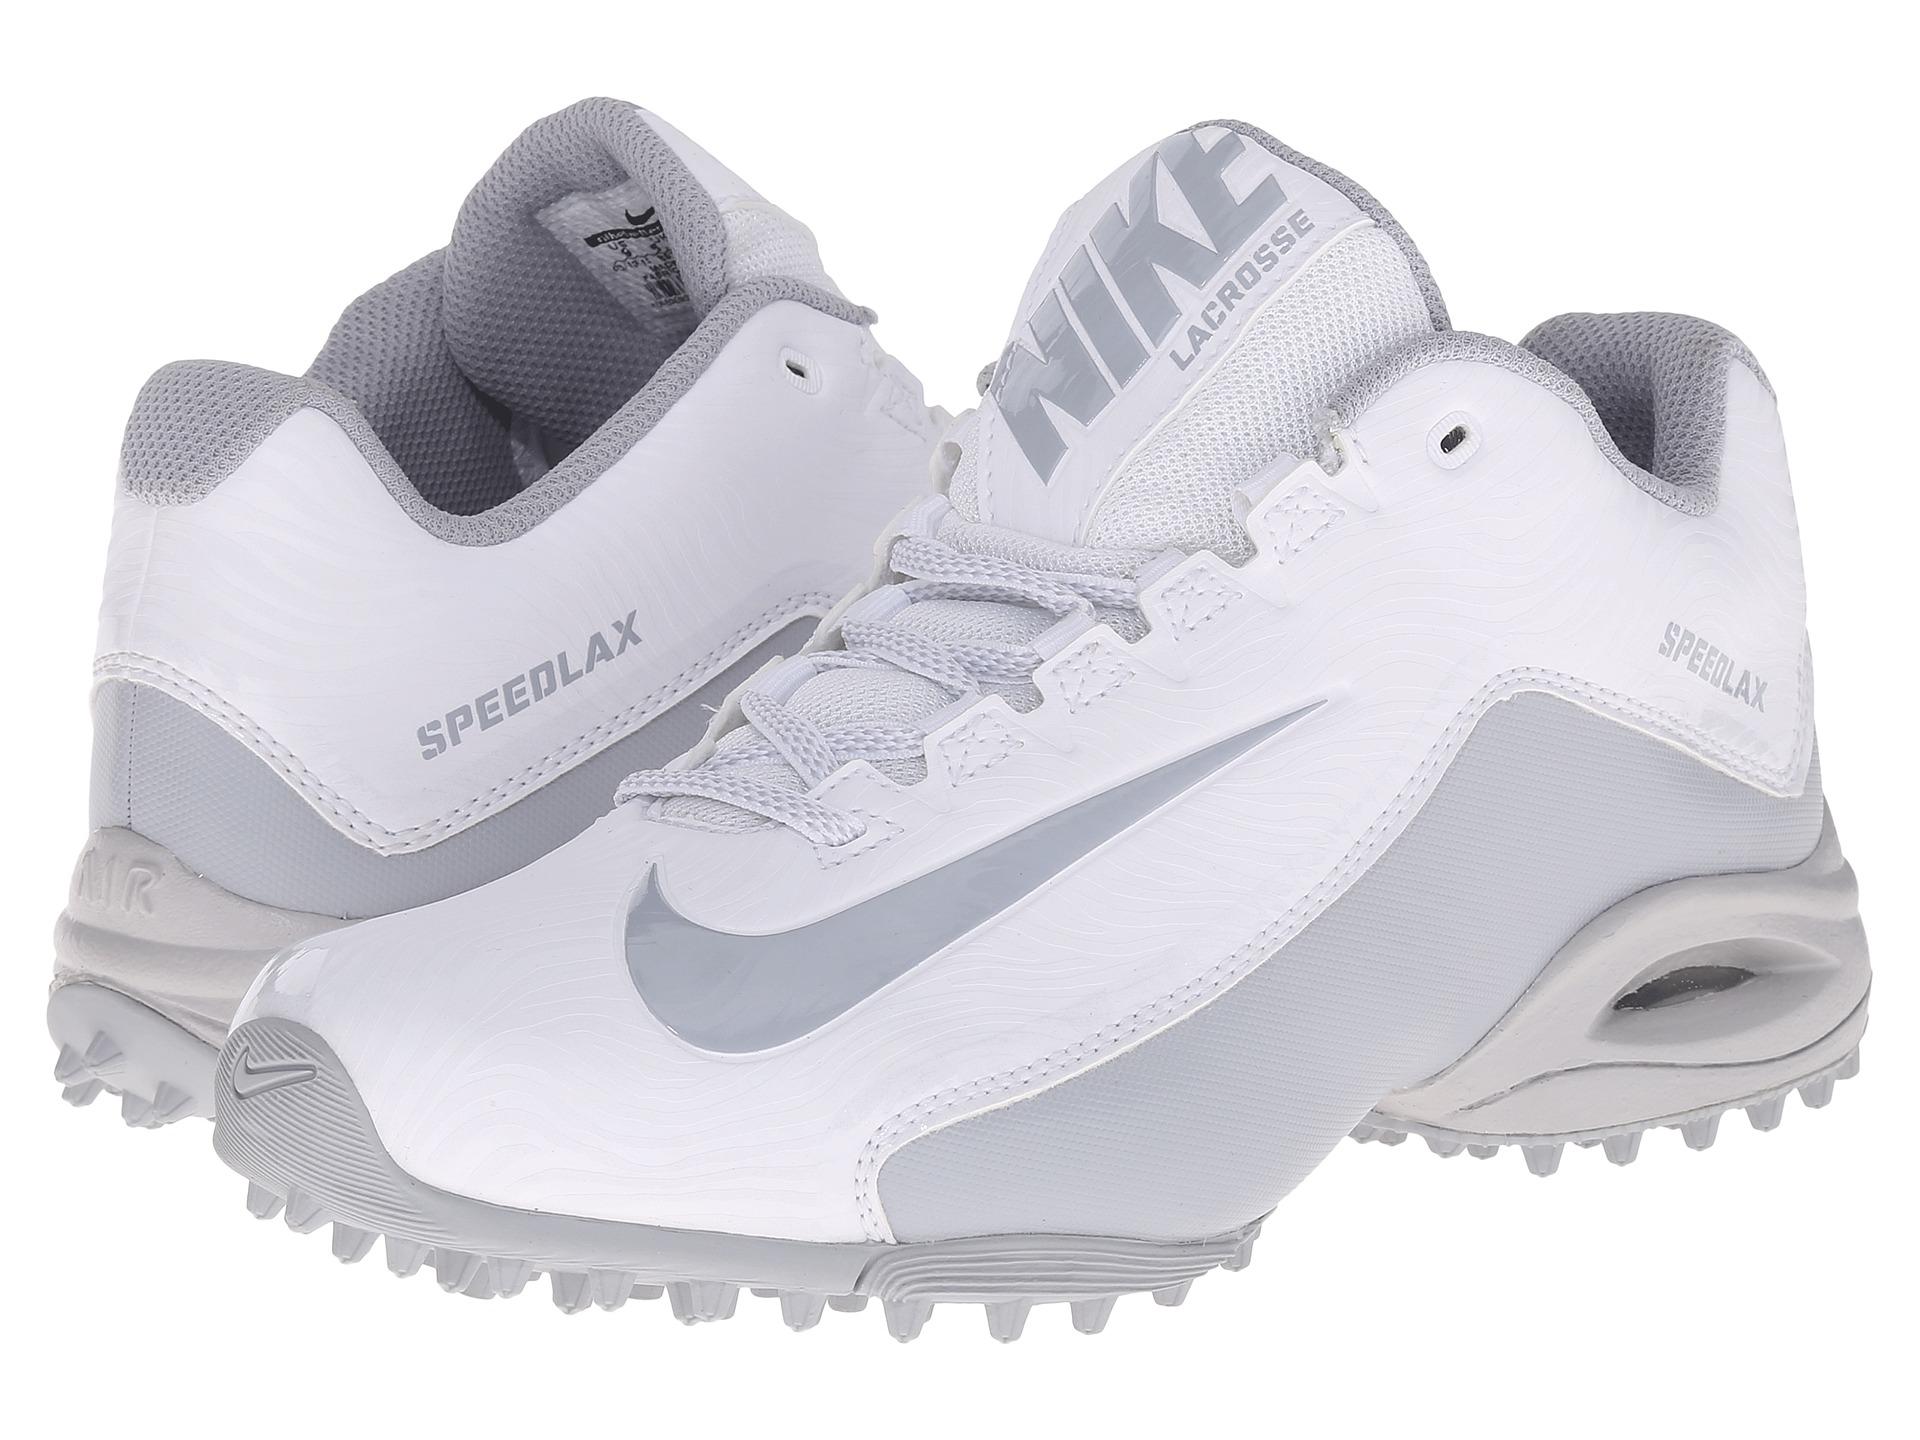 51a8eaf872f66 Nike Speedlax 5 Turf in White - Lyst